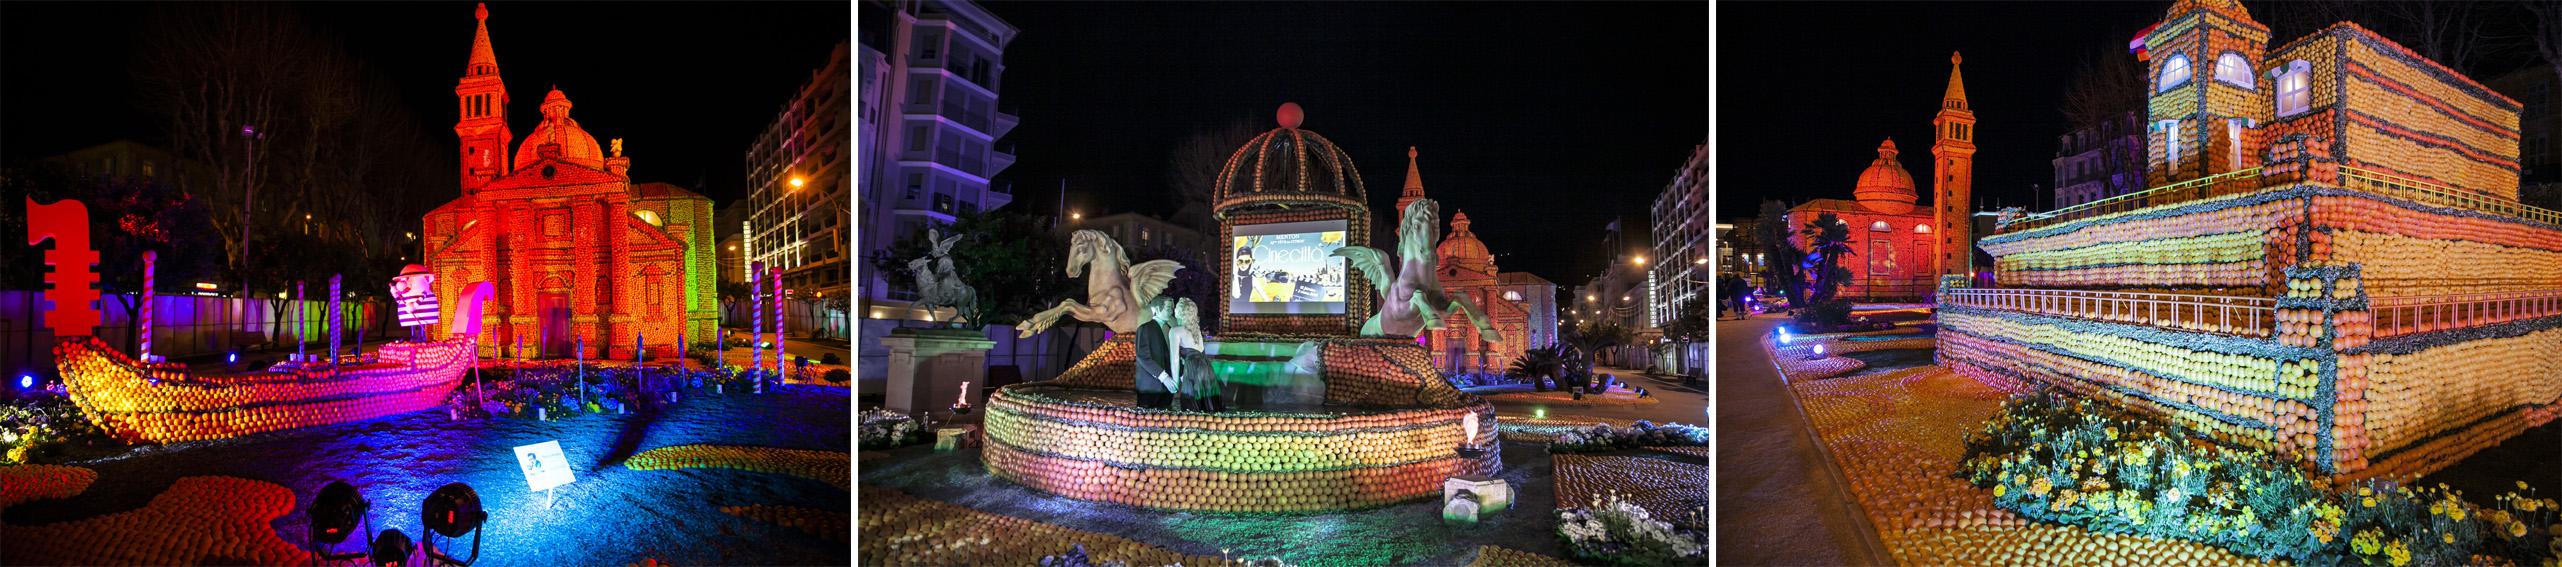 fete-du-citron-a-menton-carnaval-2017-cote-dazur-menton-french-riviera-fete-du-citron-broadway-ville-de-menton-blog-cote-dazur-blog-mister-riviera-2016